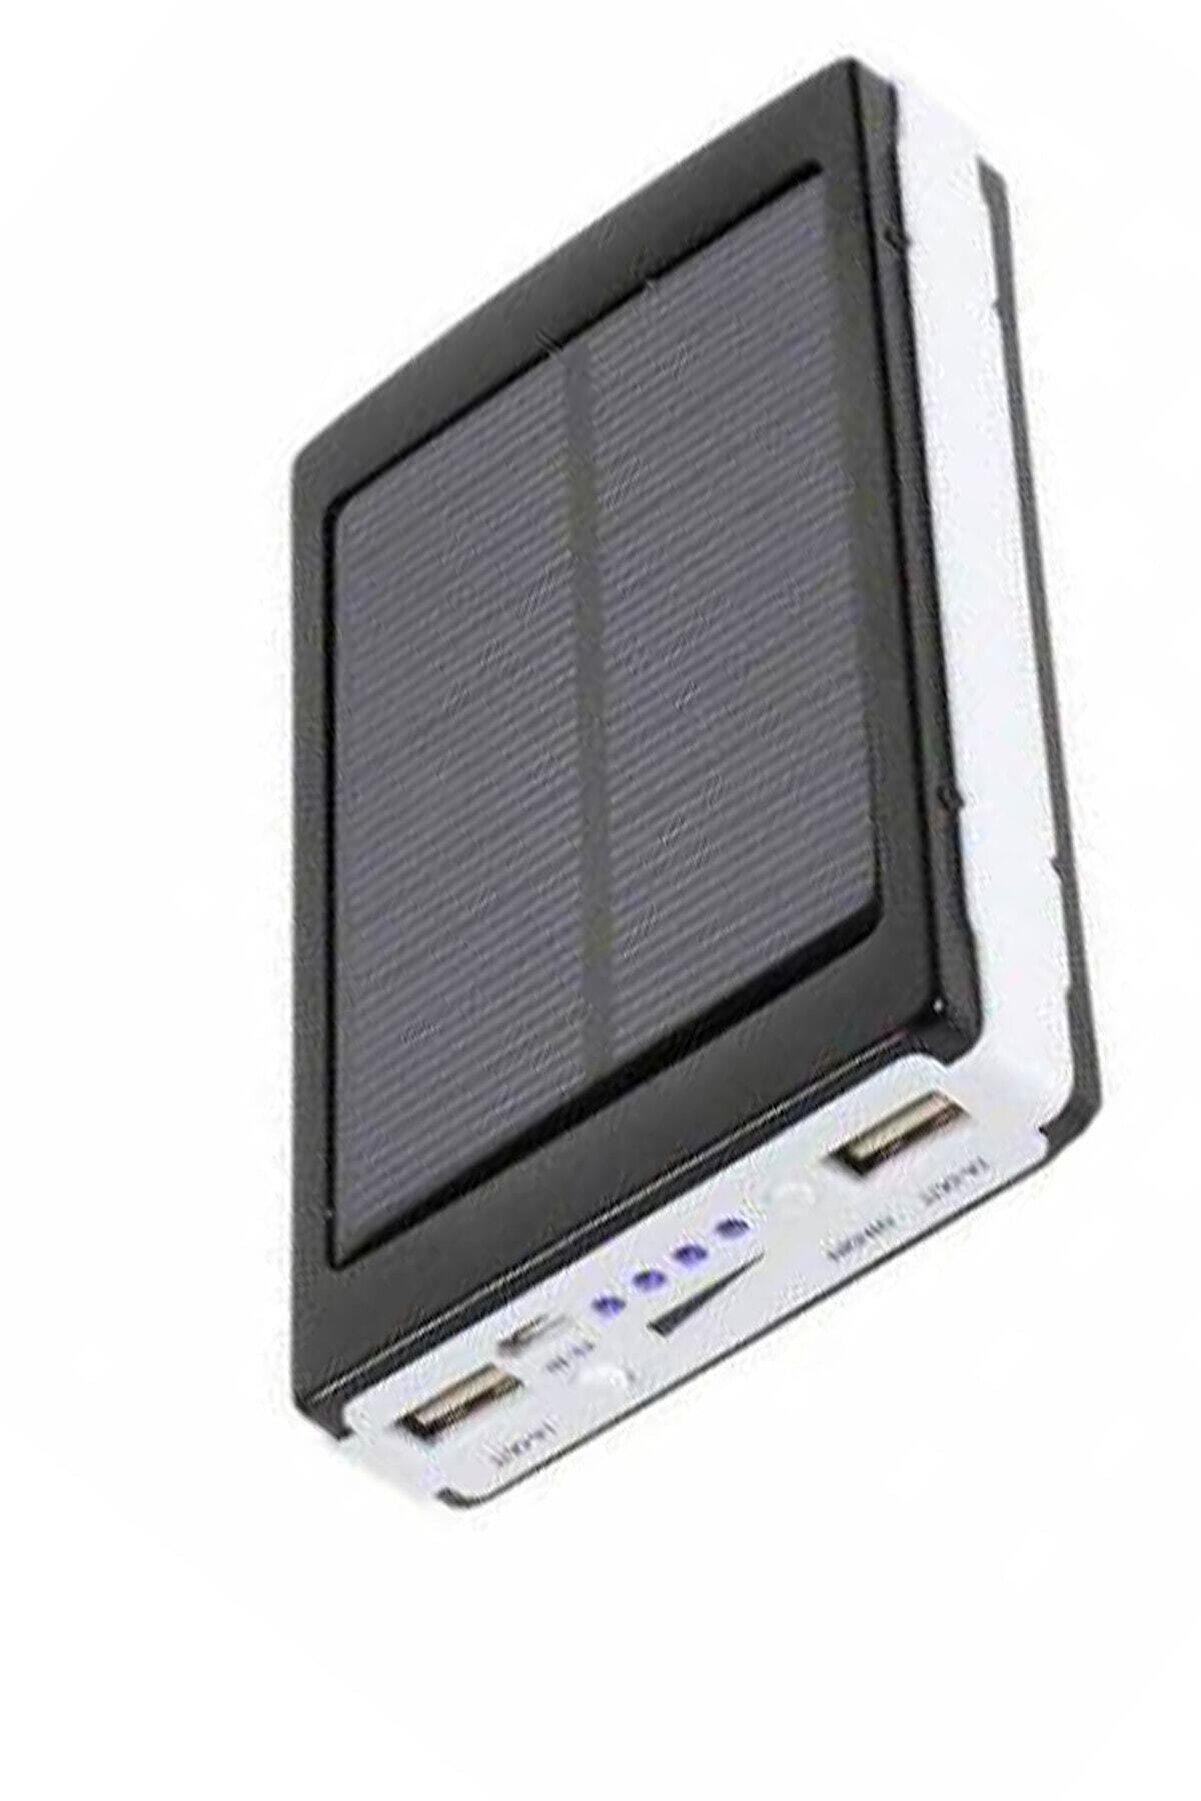 MADRAX Solar Powerbank 18000 Mah Güneş Enerjili Powerbank 20 Led Işıklı - 2 Usb Girişli Kamp Çadır Işığı